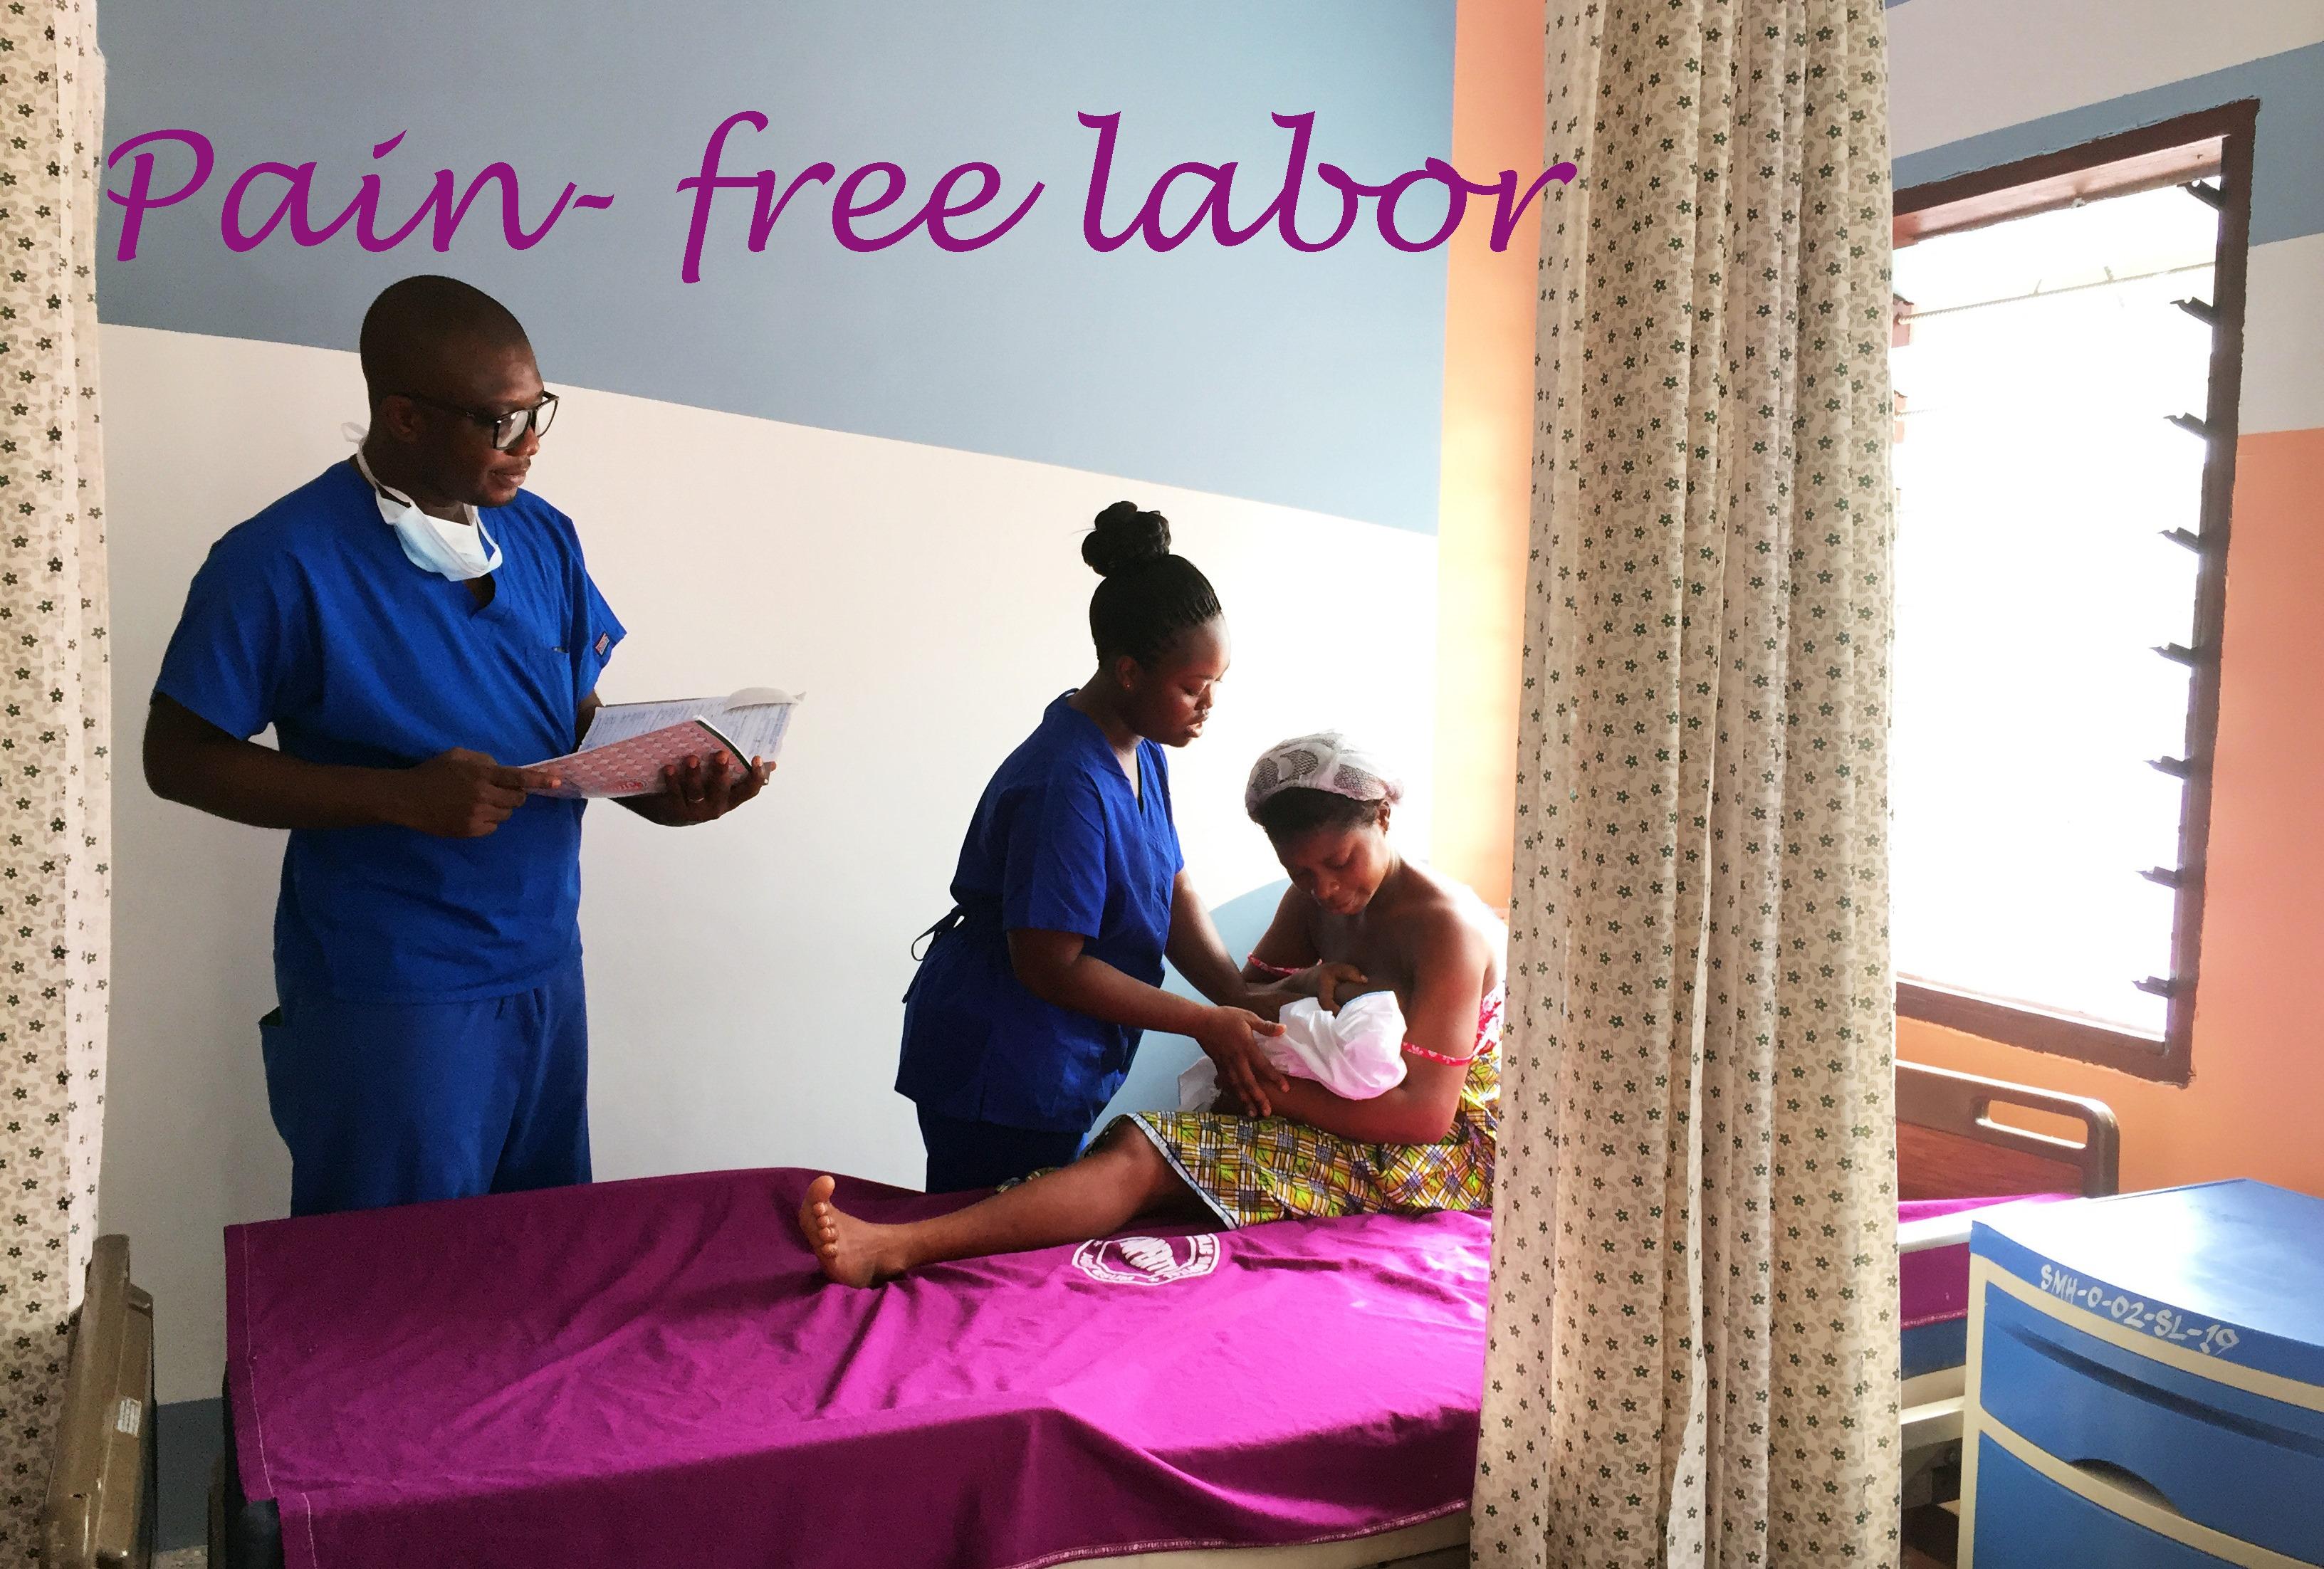 pain free labor